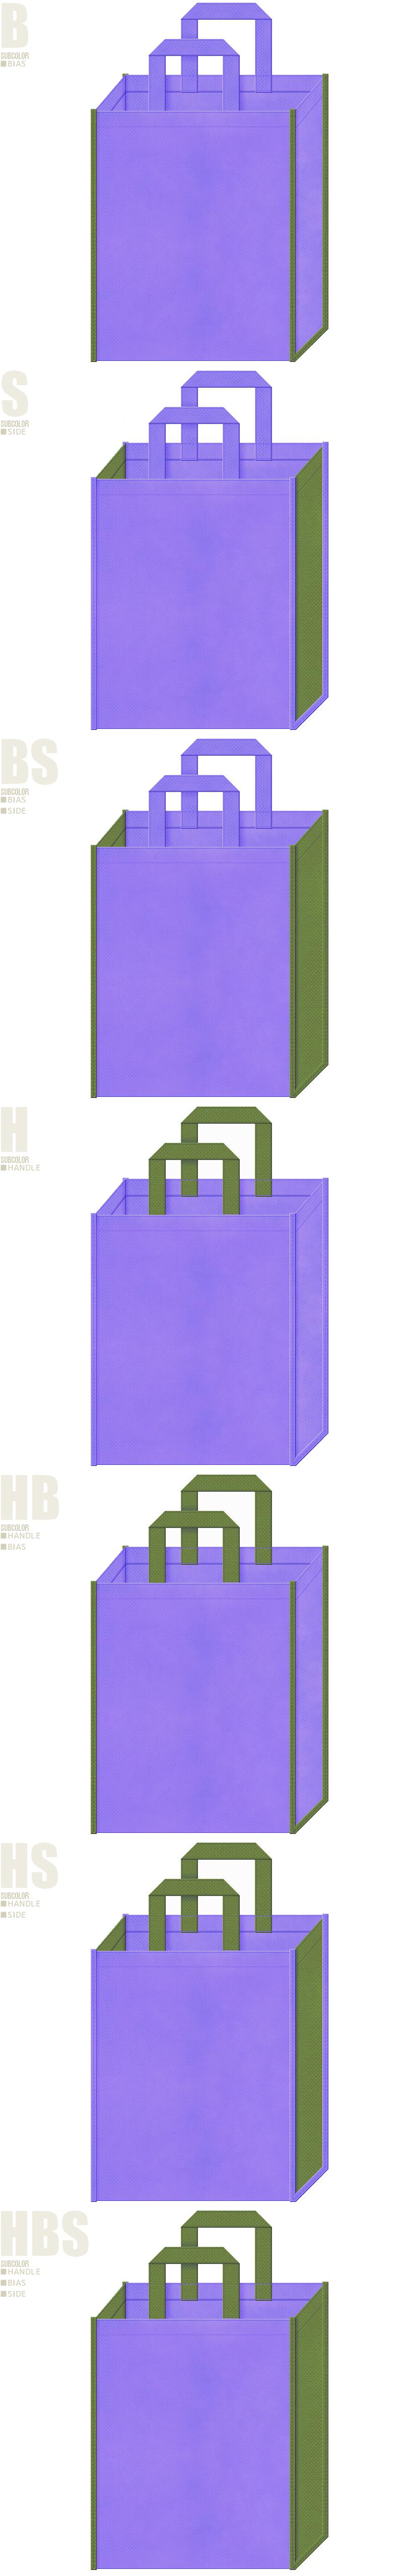 明るめの紫色と草色、7パターンの不織布トートバッグ配色デザイン例。